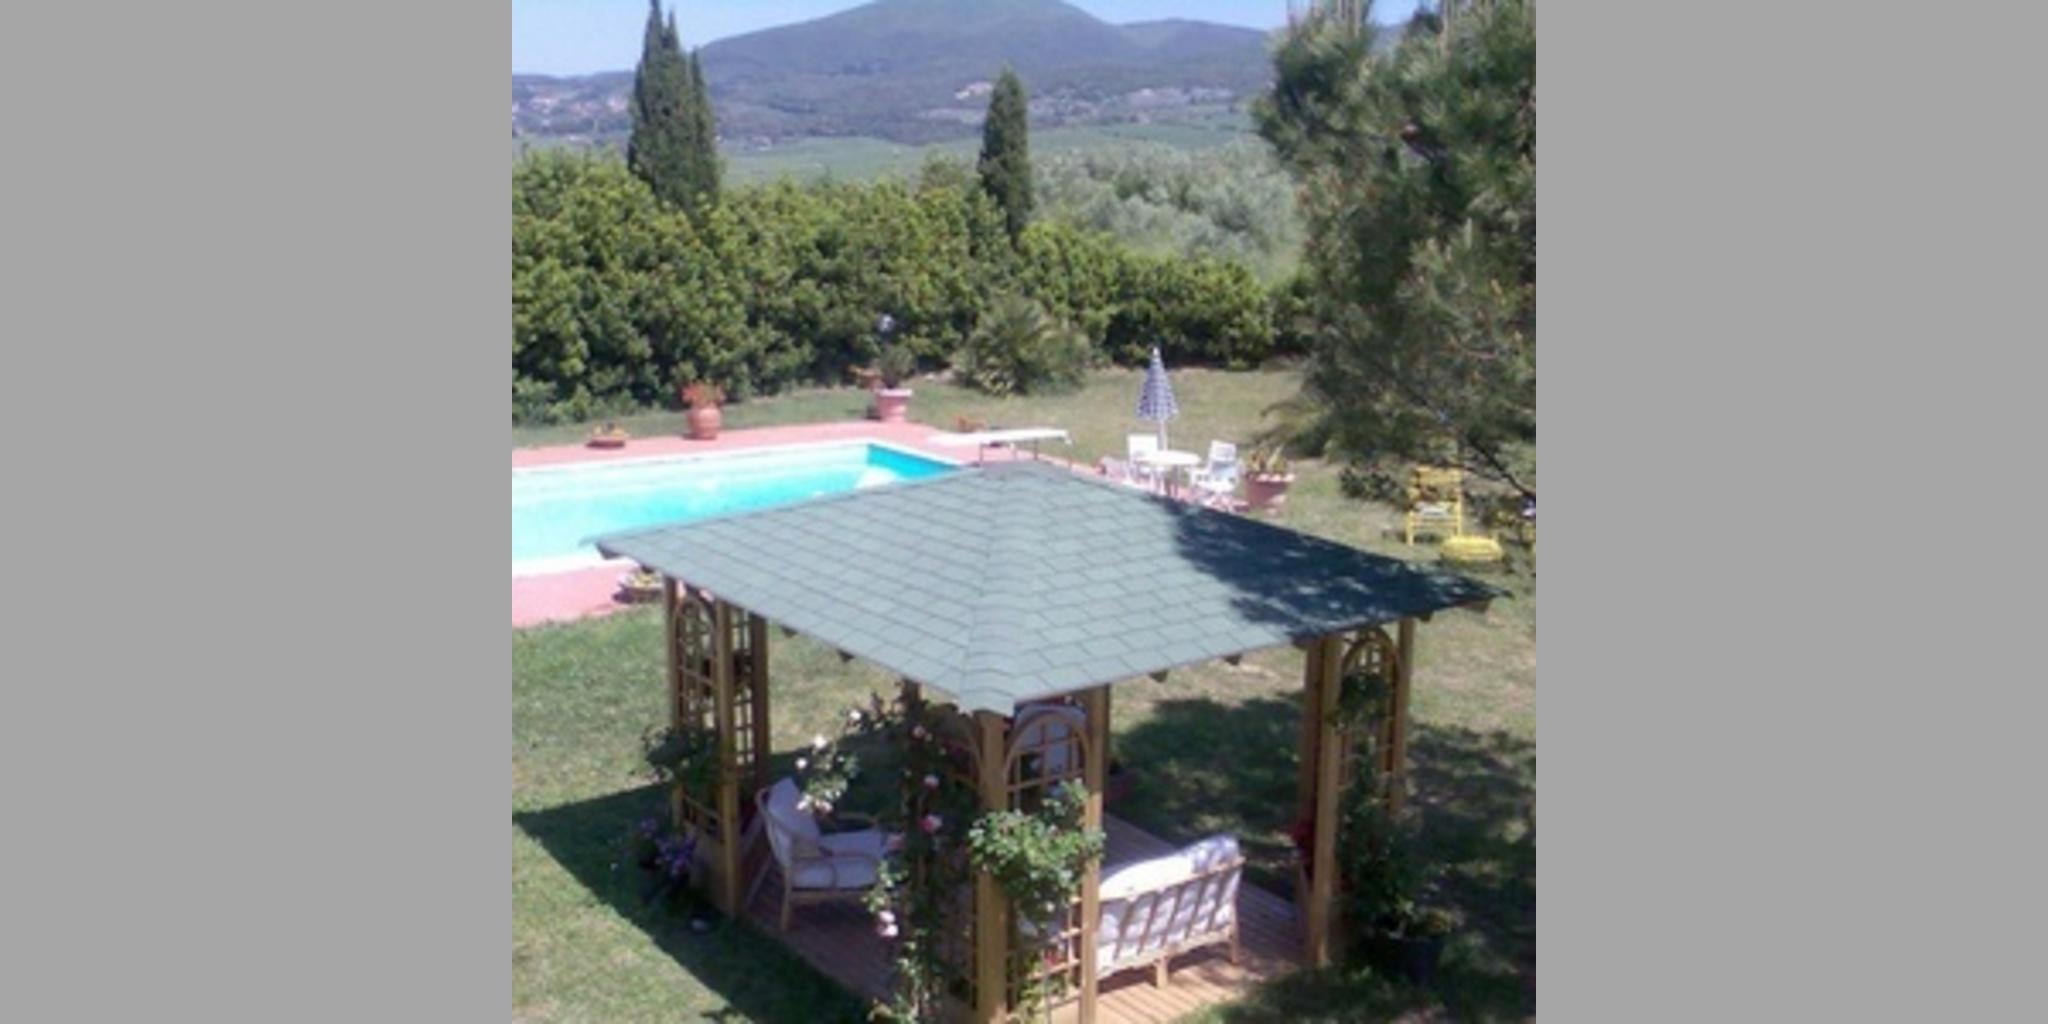 b_TX770_20120722032142_giardino_gazebo.jpg